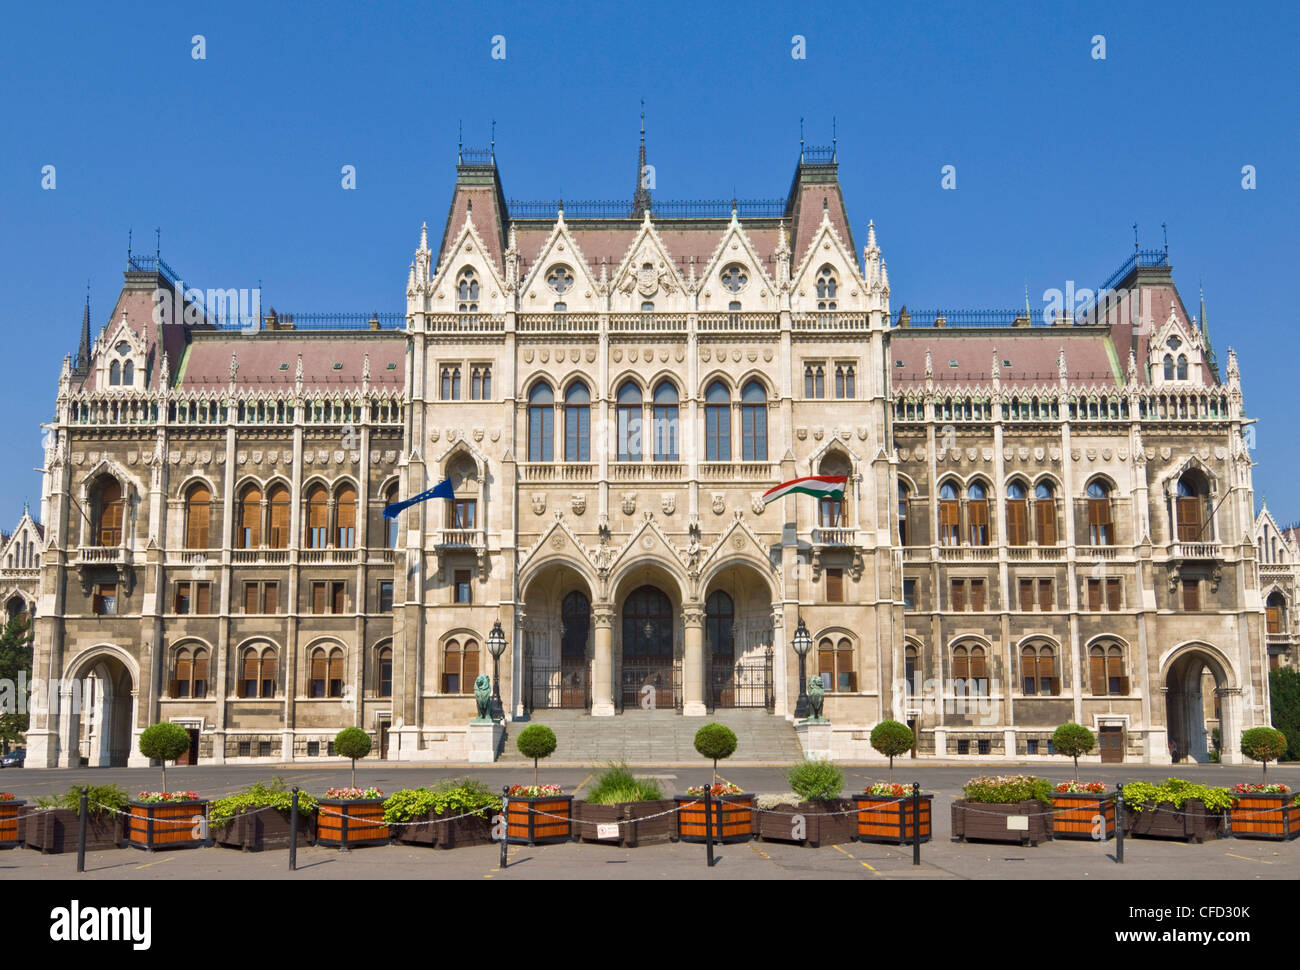 Le Parlement hongrois néo-gothique,porte d'entrée, conçu par Imre Steindl, Budapest, Hongrie, Photo Stock